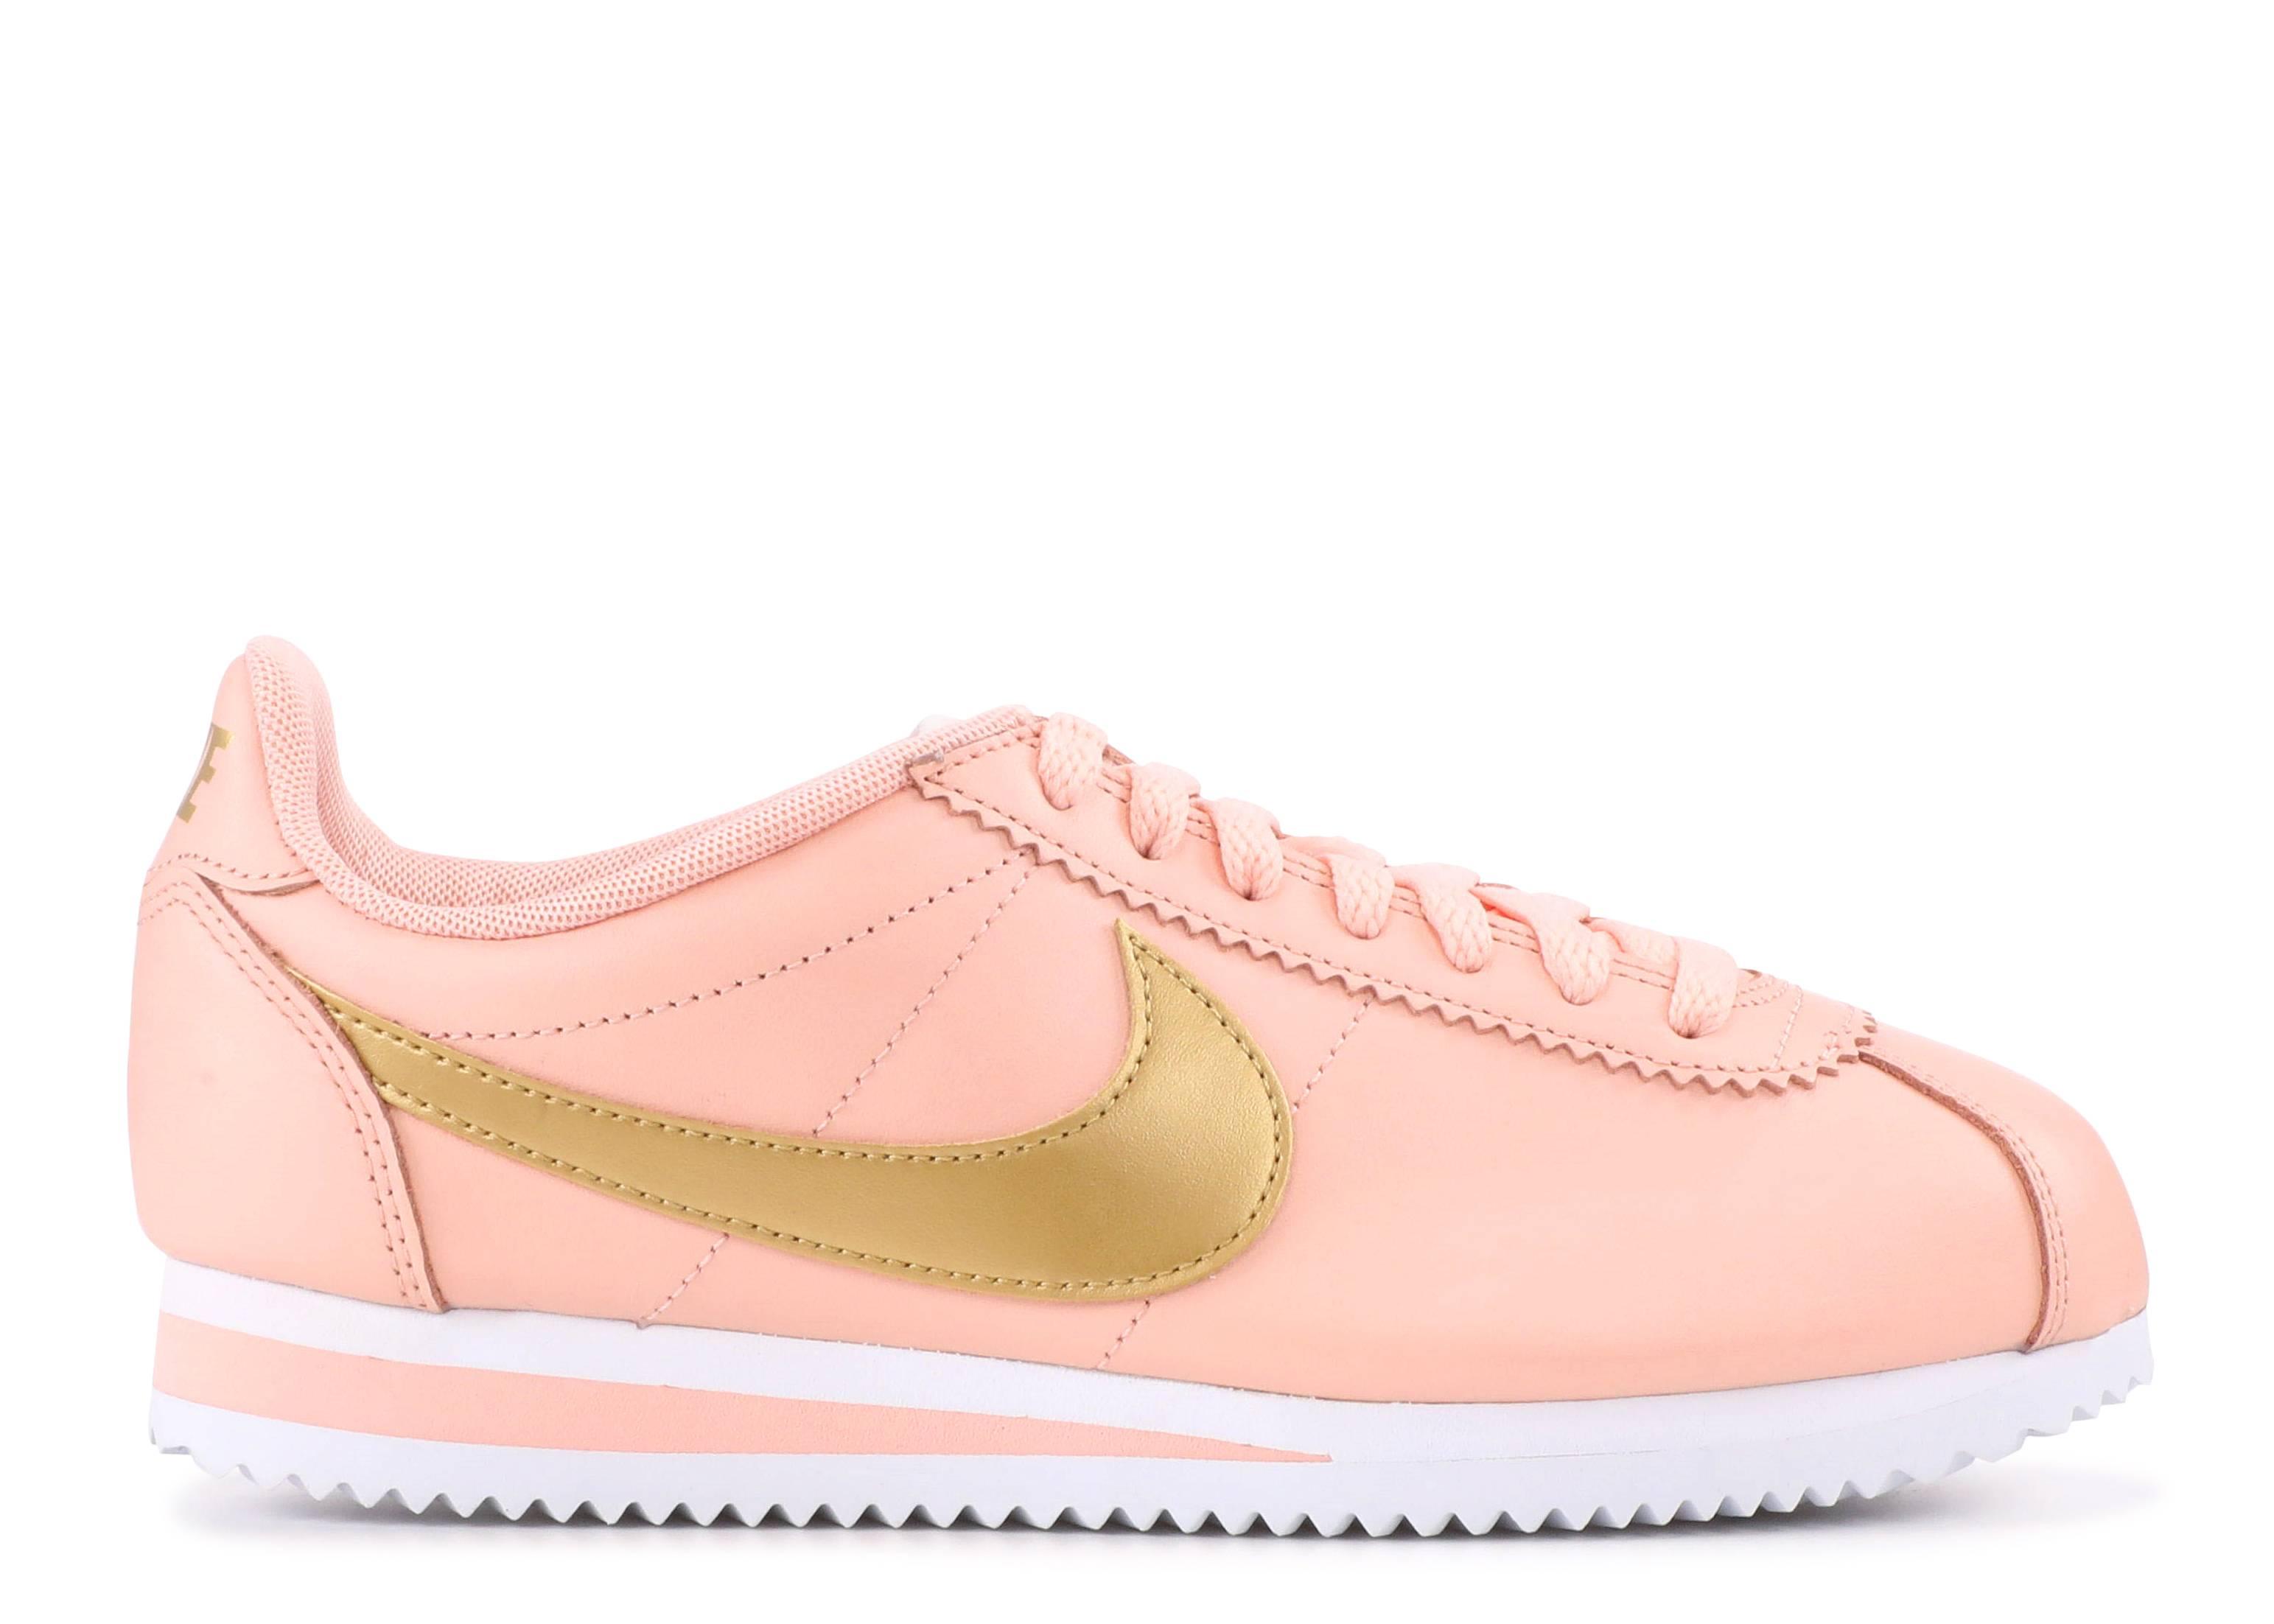 Femme Classic Cortez 800 Leather Nike 807471 800 Cortez artic orange 5db8c7